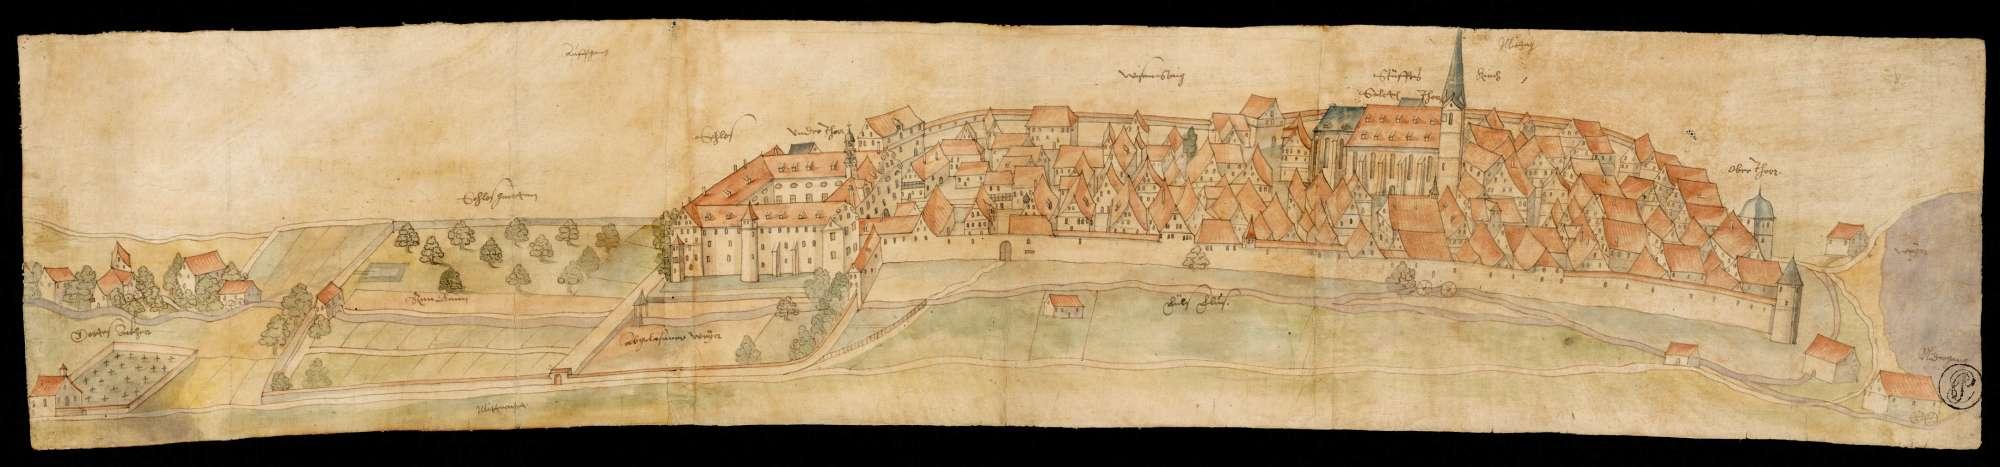 Ansicht von Schloss, Stift und Stadt Wiesensteig, Bild 1